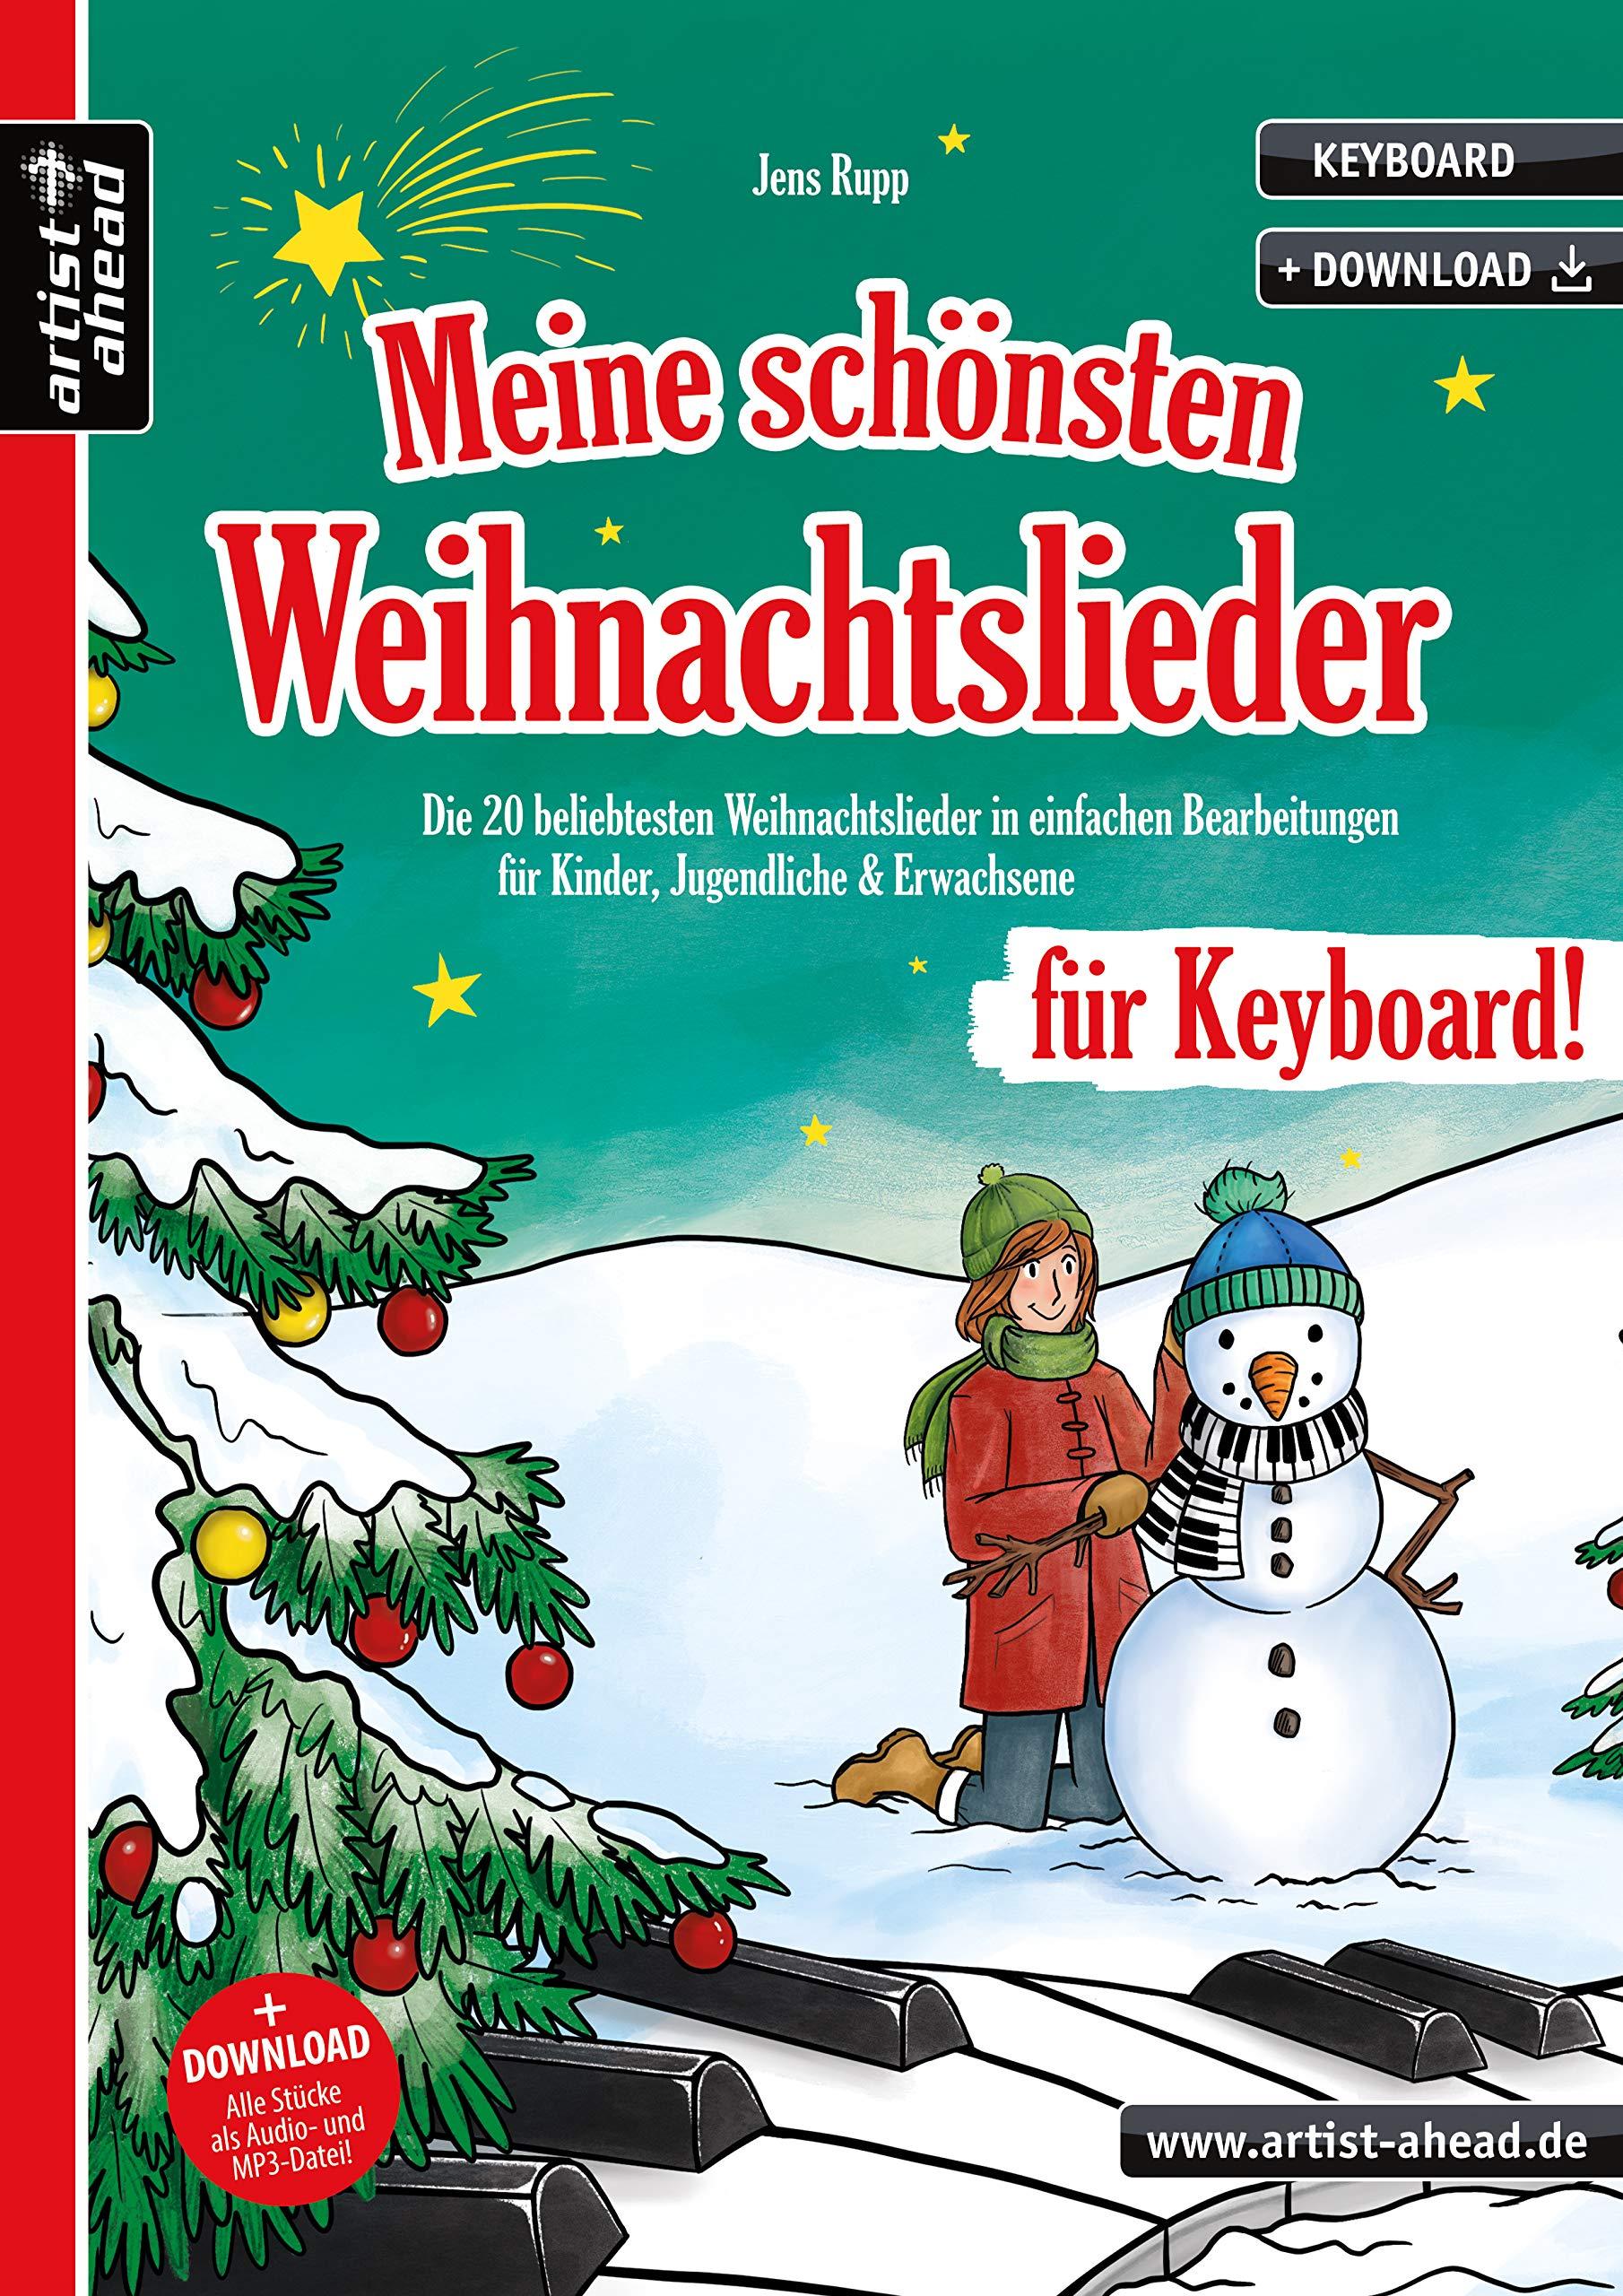 Meine schönsten Weihnachtslieder für Keyboard! Die 20 beliebtesten Weihnachtslieder in einfachen Bearbeitungen für Kinder Jugendliche & Erwachsene (inkl. Download). Spielbuch. Keyboardnoten.